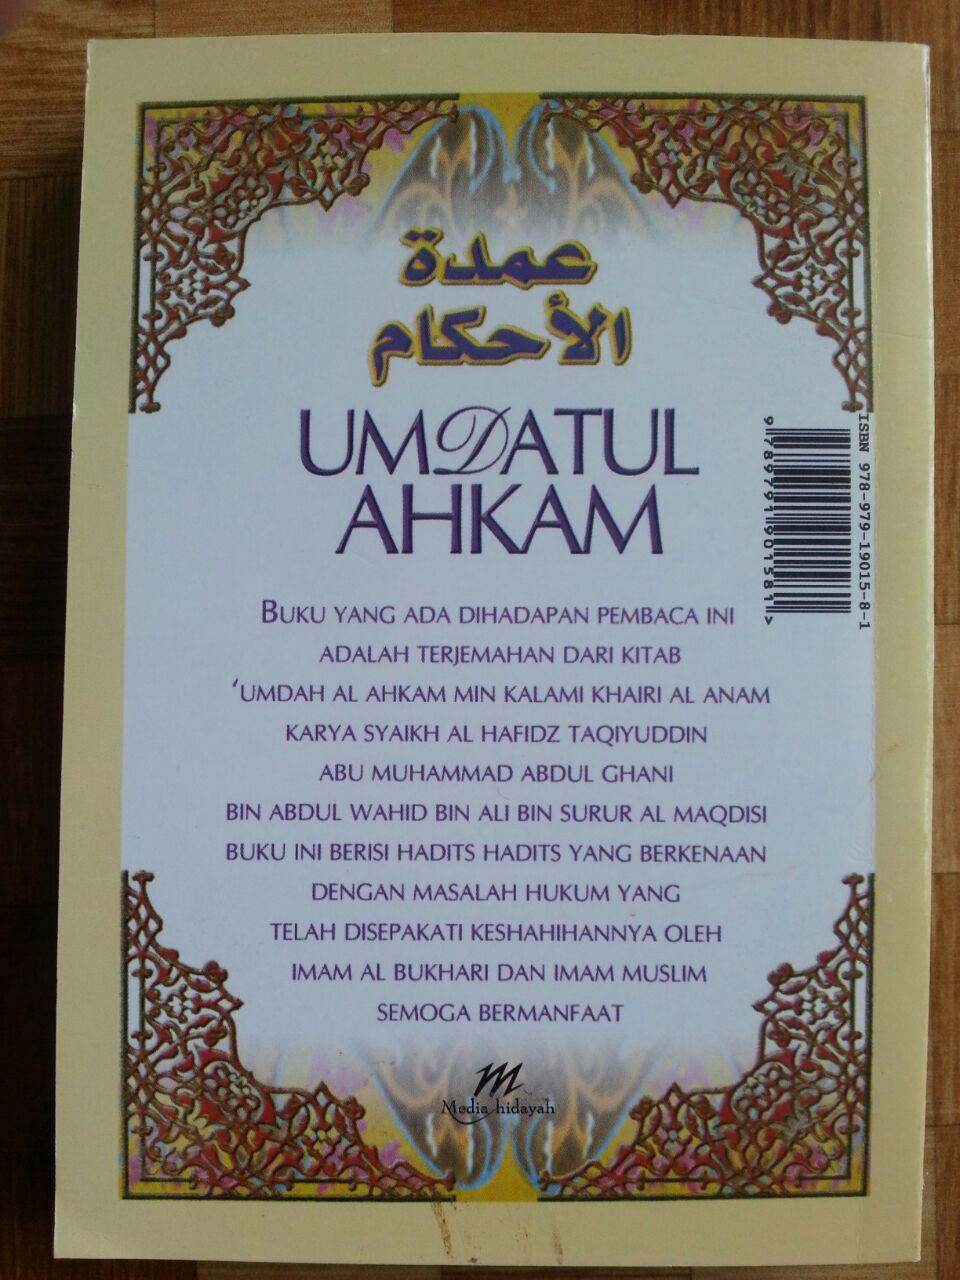 Buku Terjemah Umdatul Ahkam Ukuran A5 cover